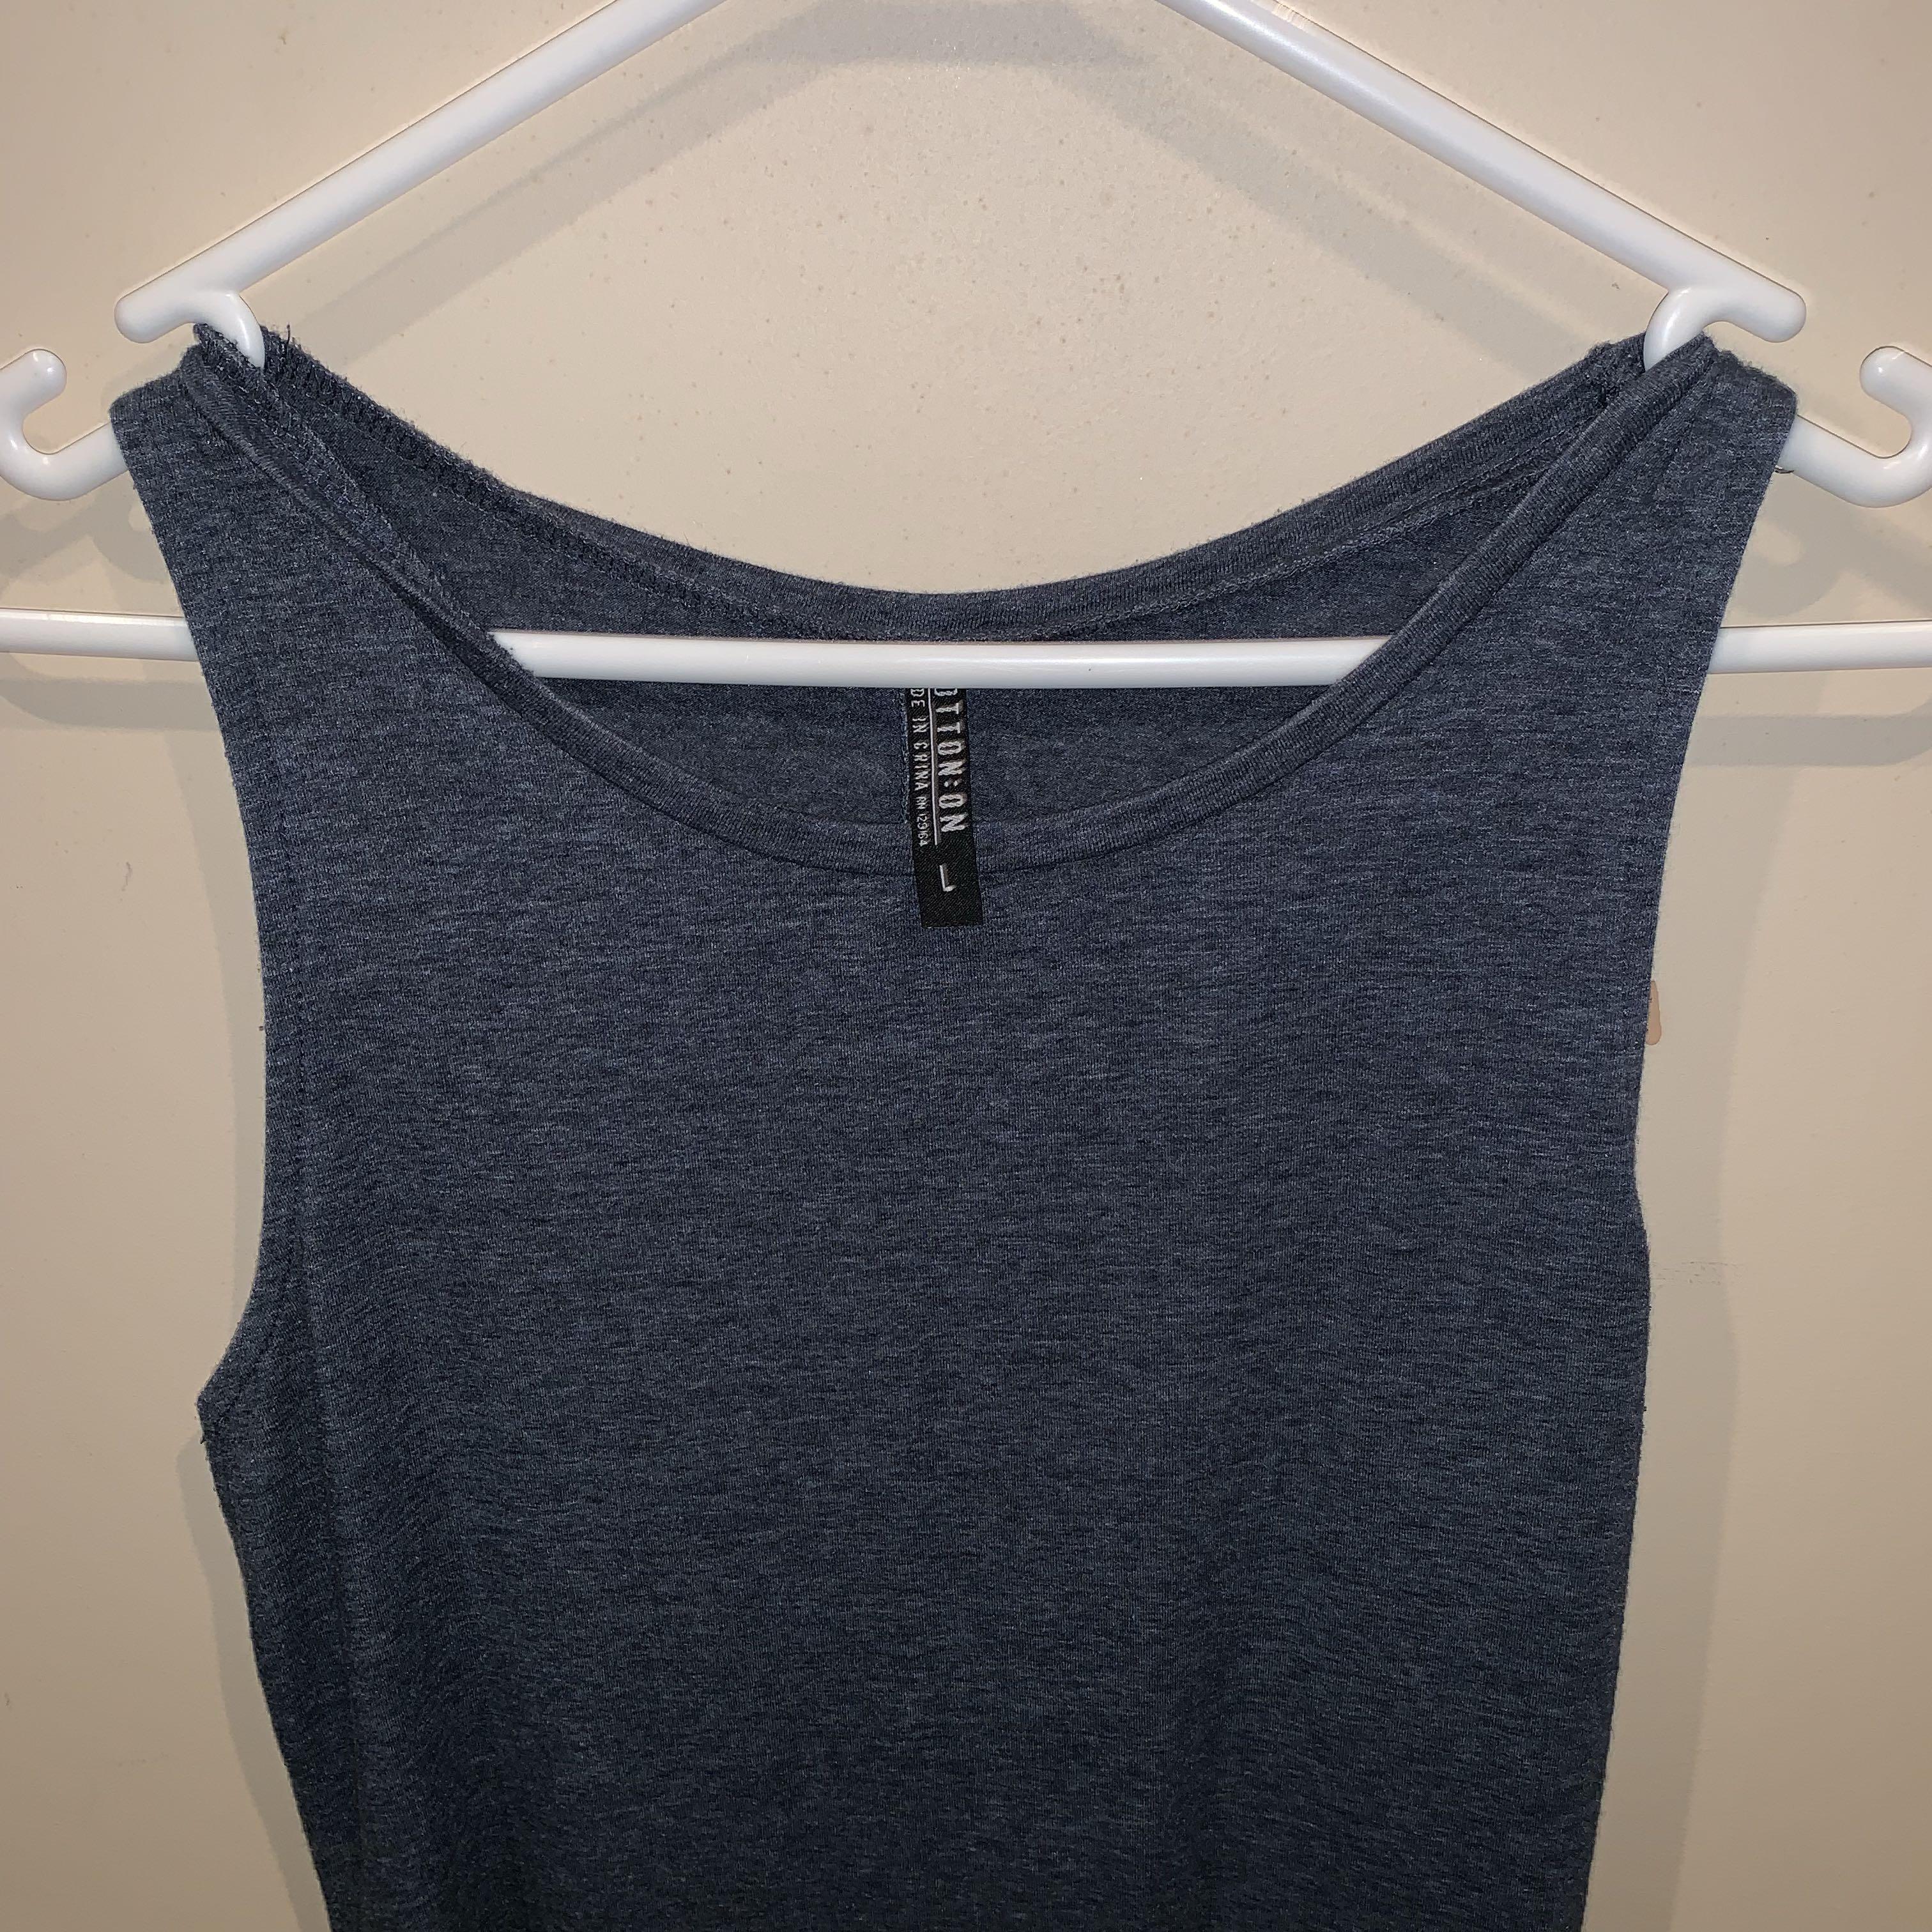 Size L midi dress